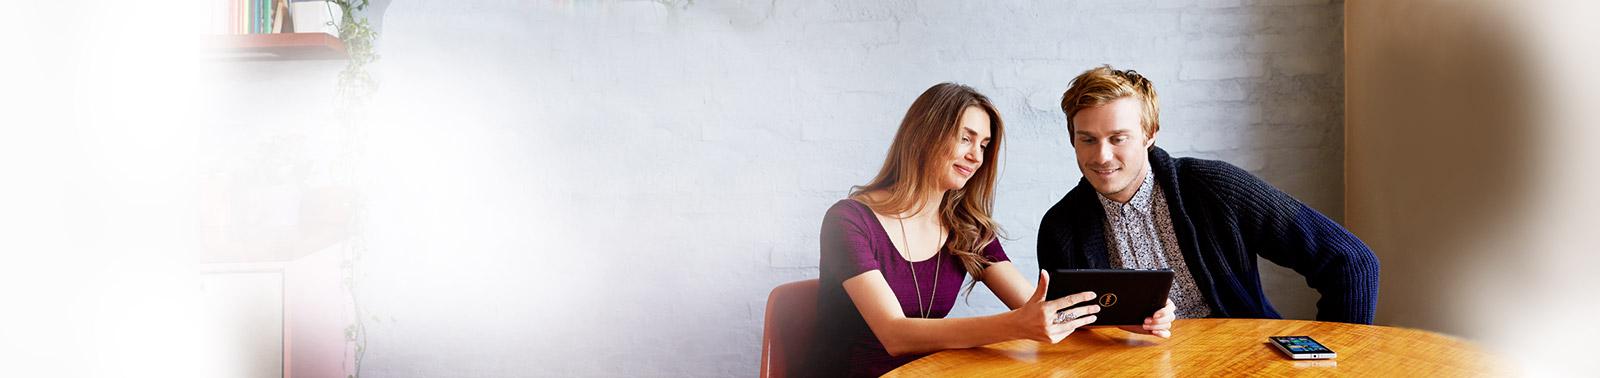 Masa oturan, elinde bir tablet olan ve bunu yanındaki adama gösteren kadın.